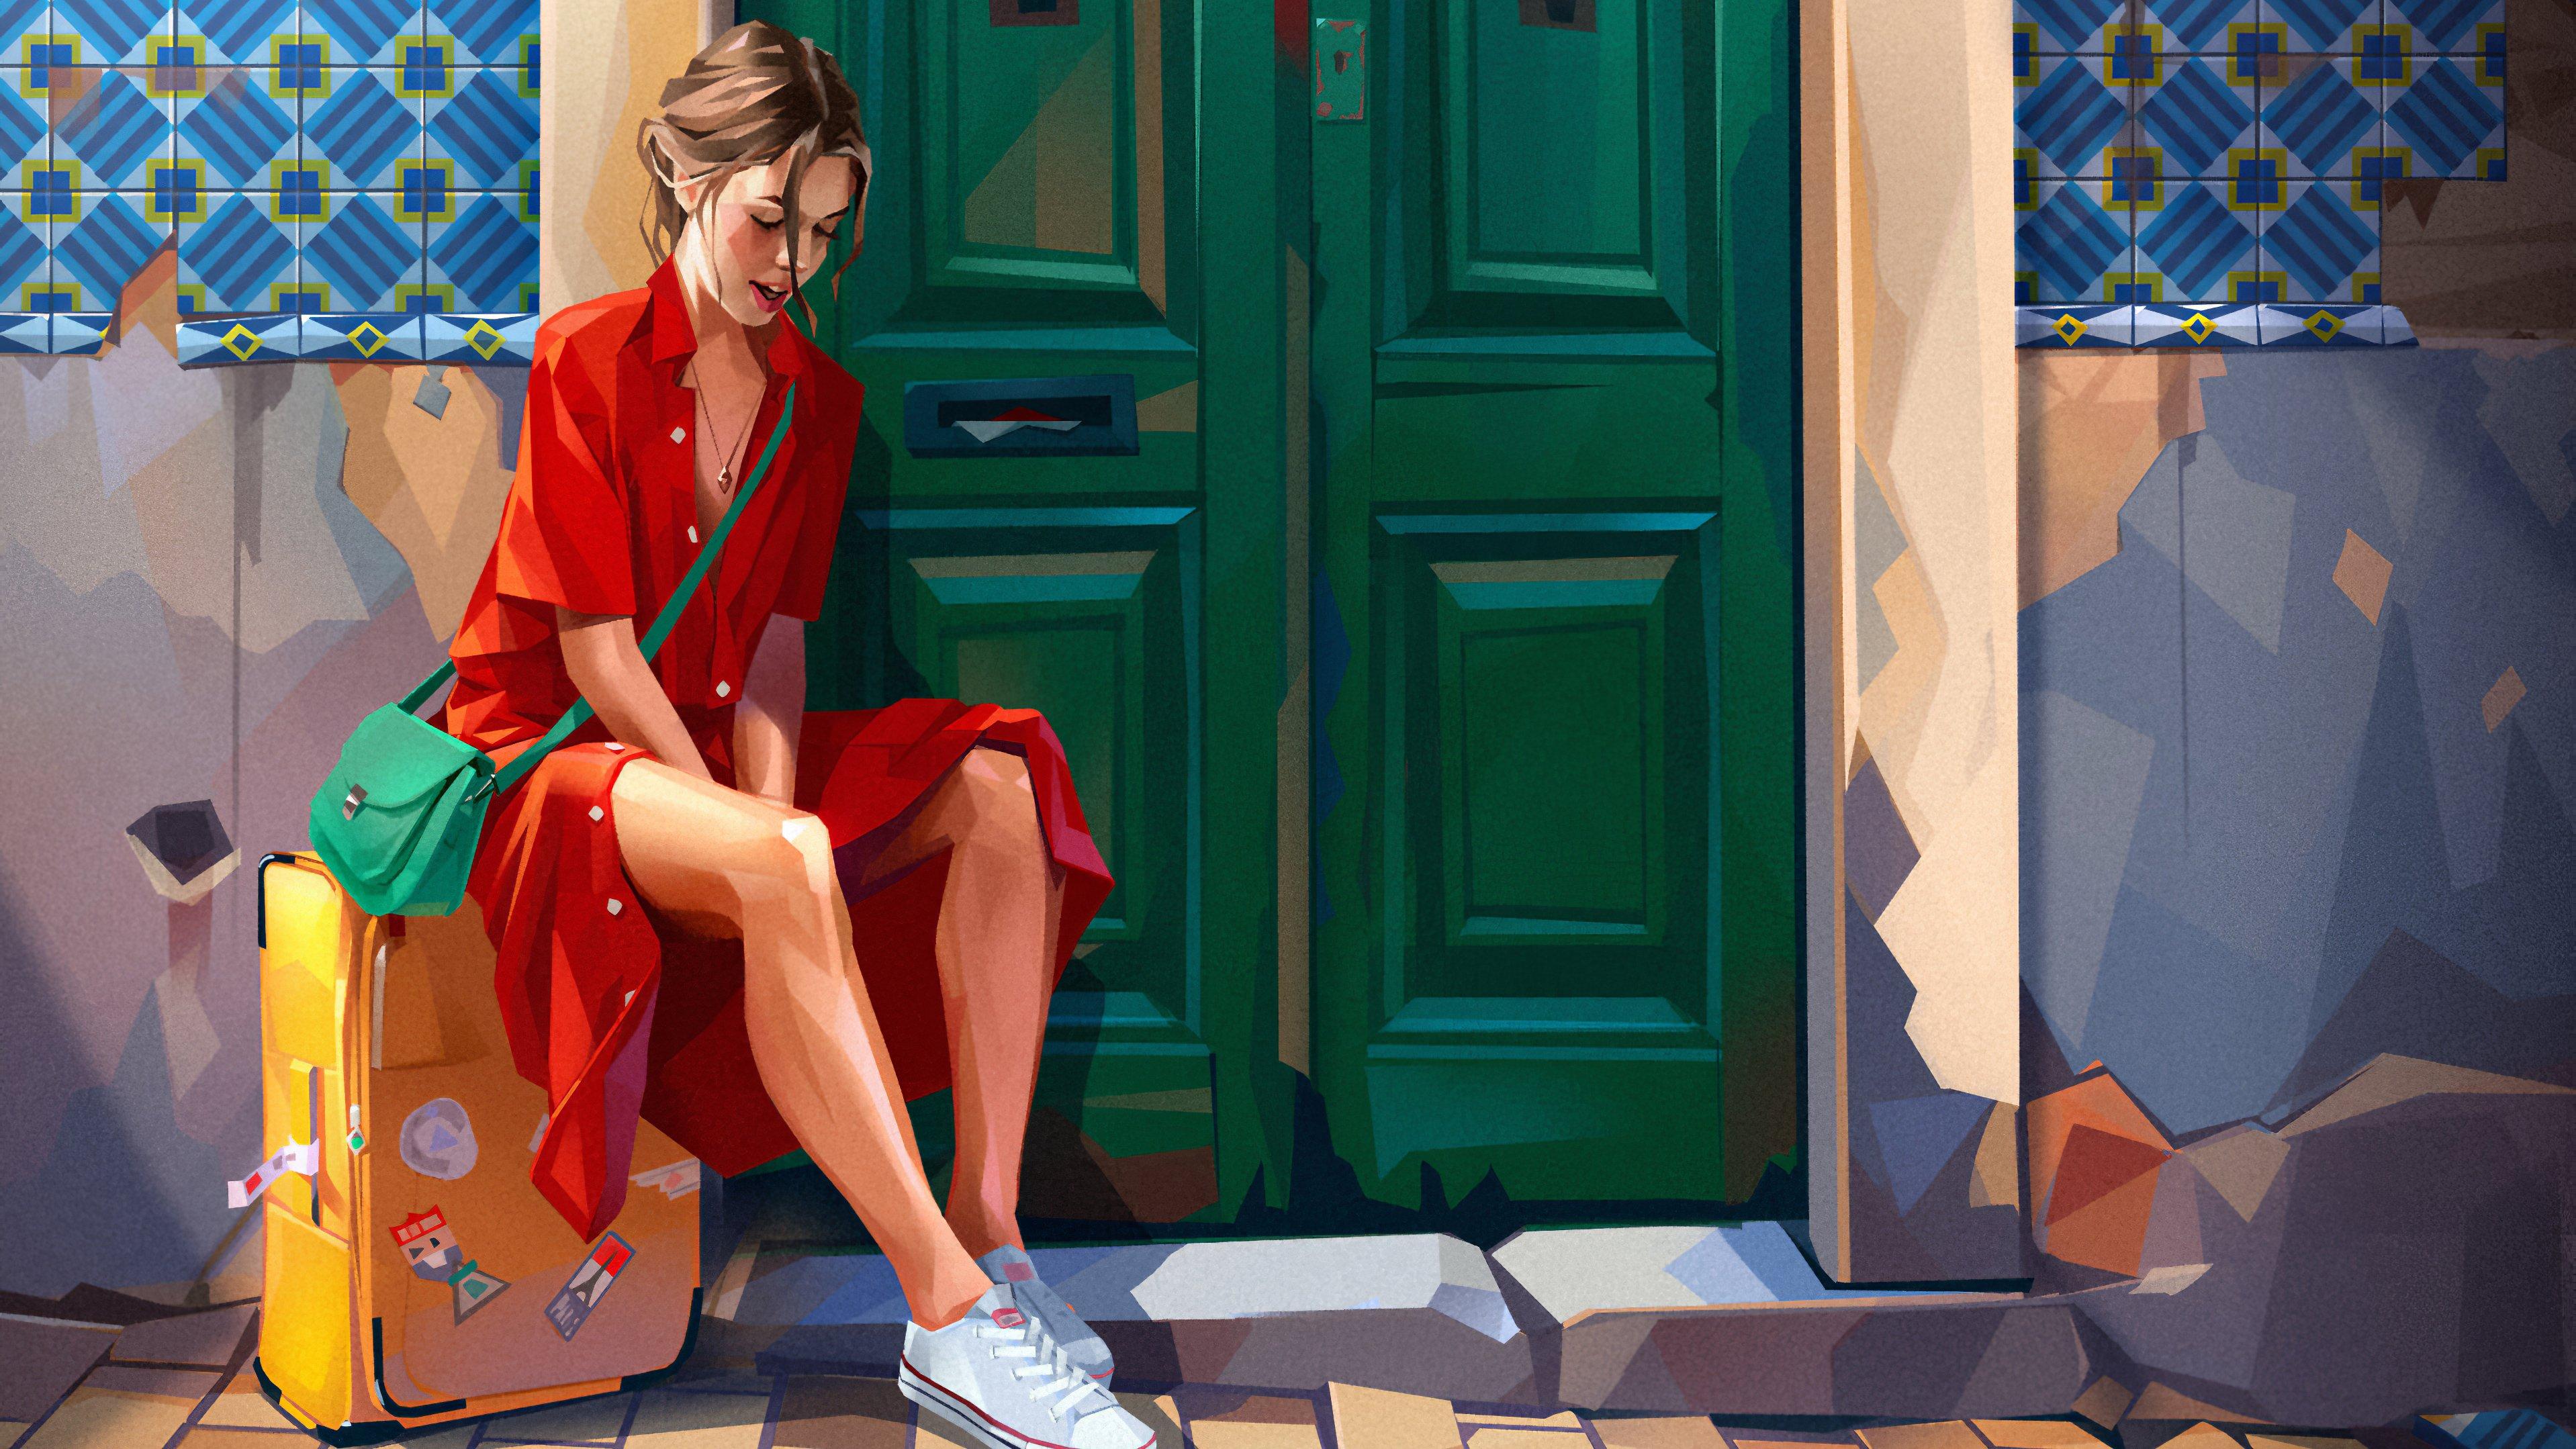 Fondos de pantalla Ilustración de una chica en vestido rojo